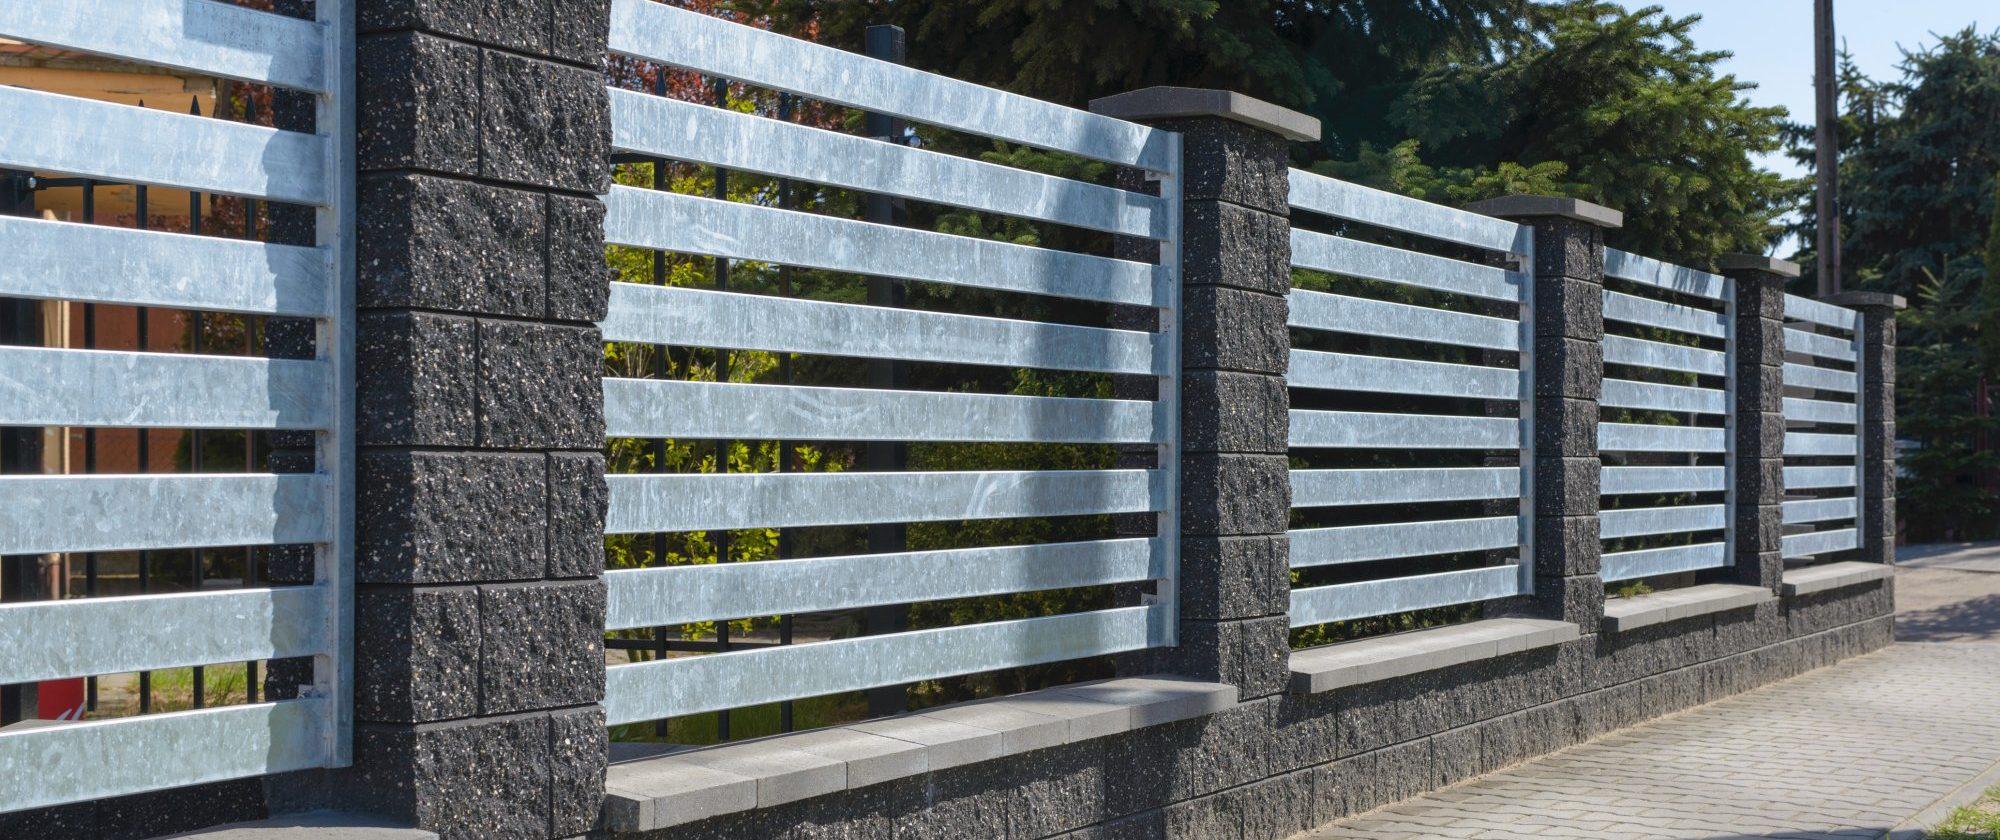 Jak zamontować ogrodzenie?